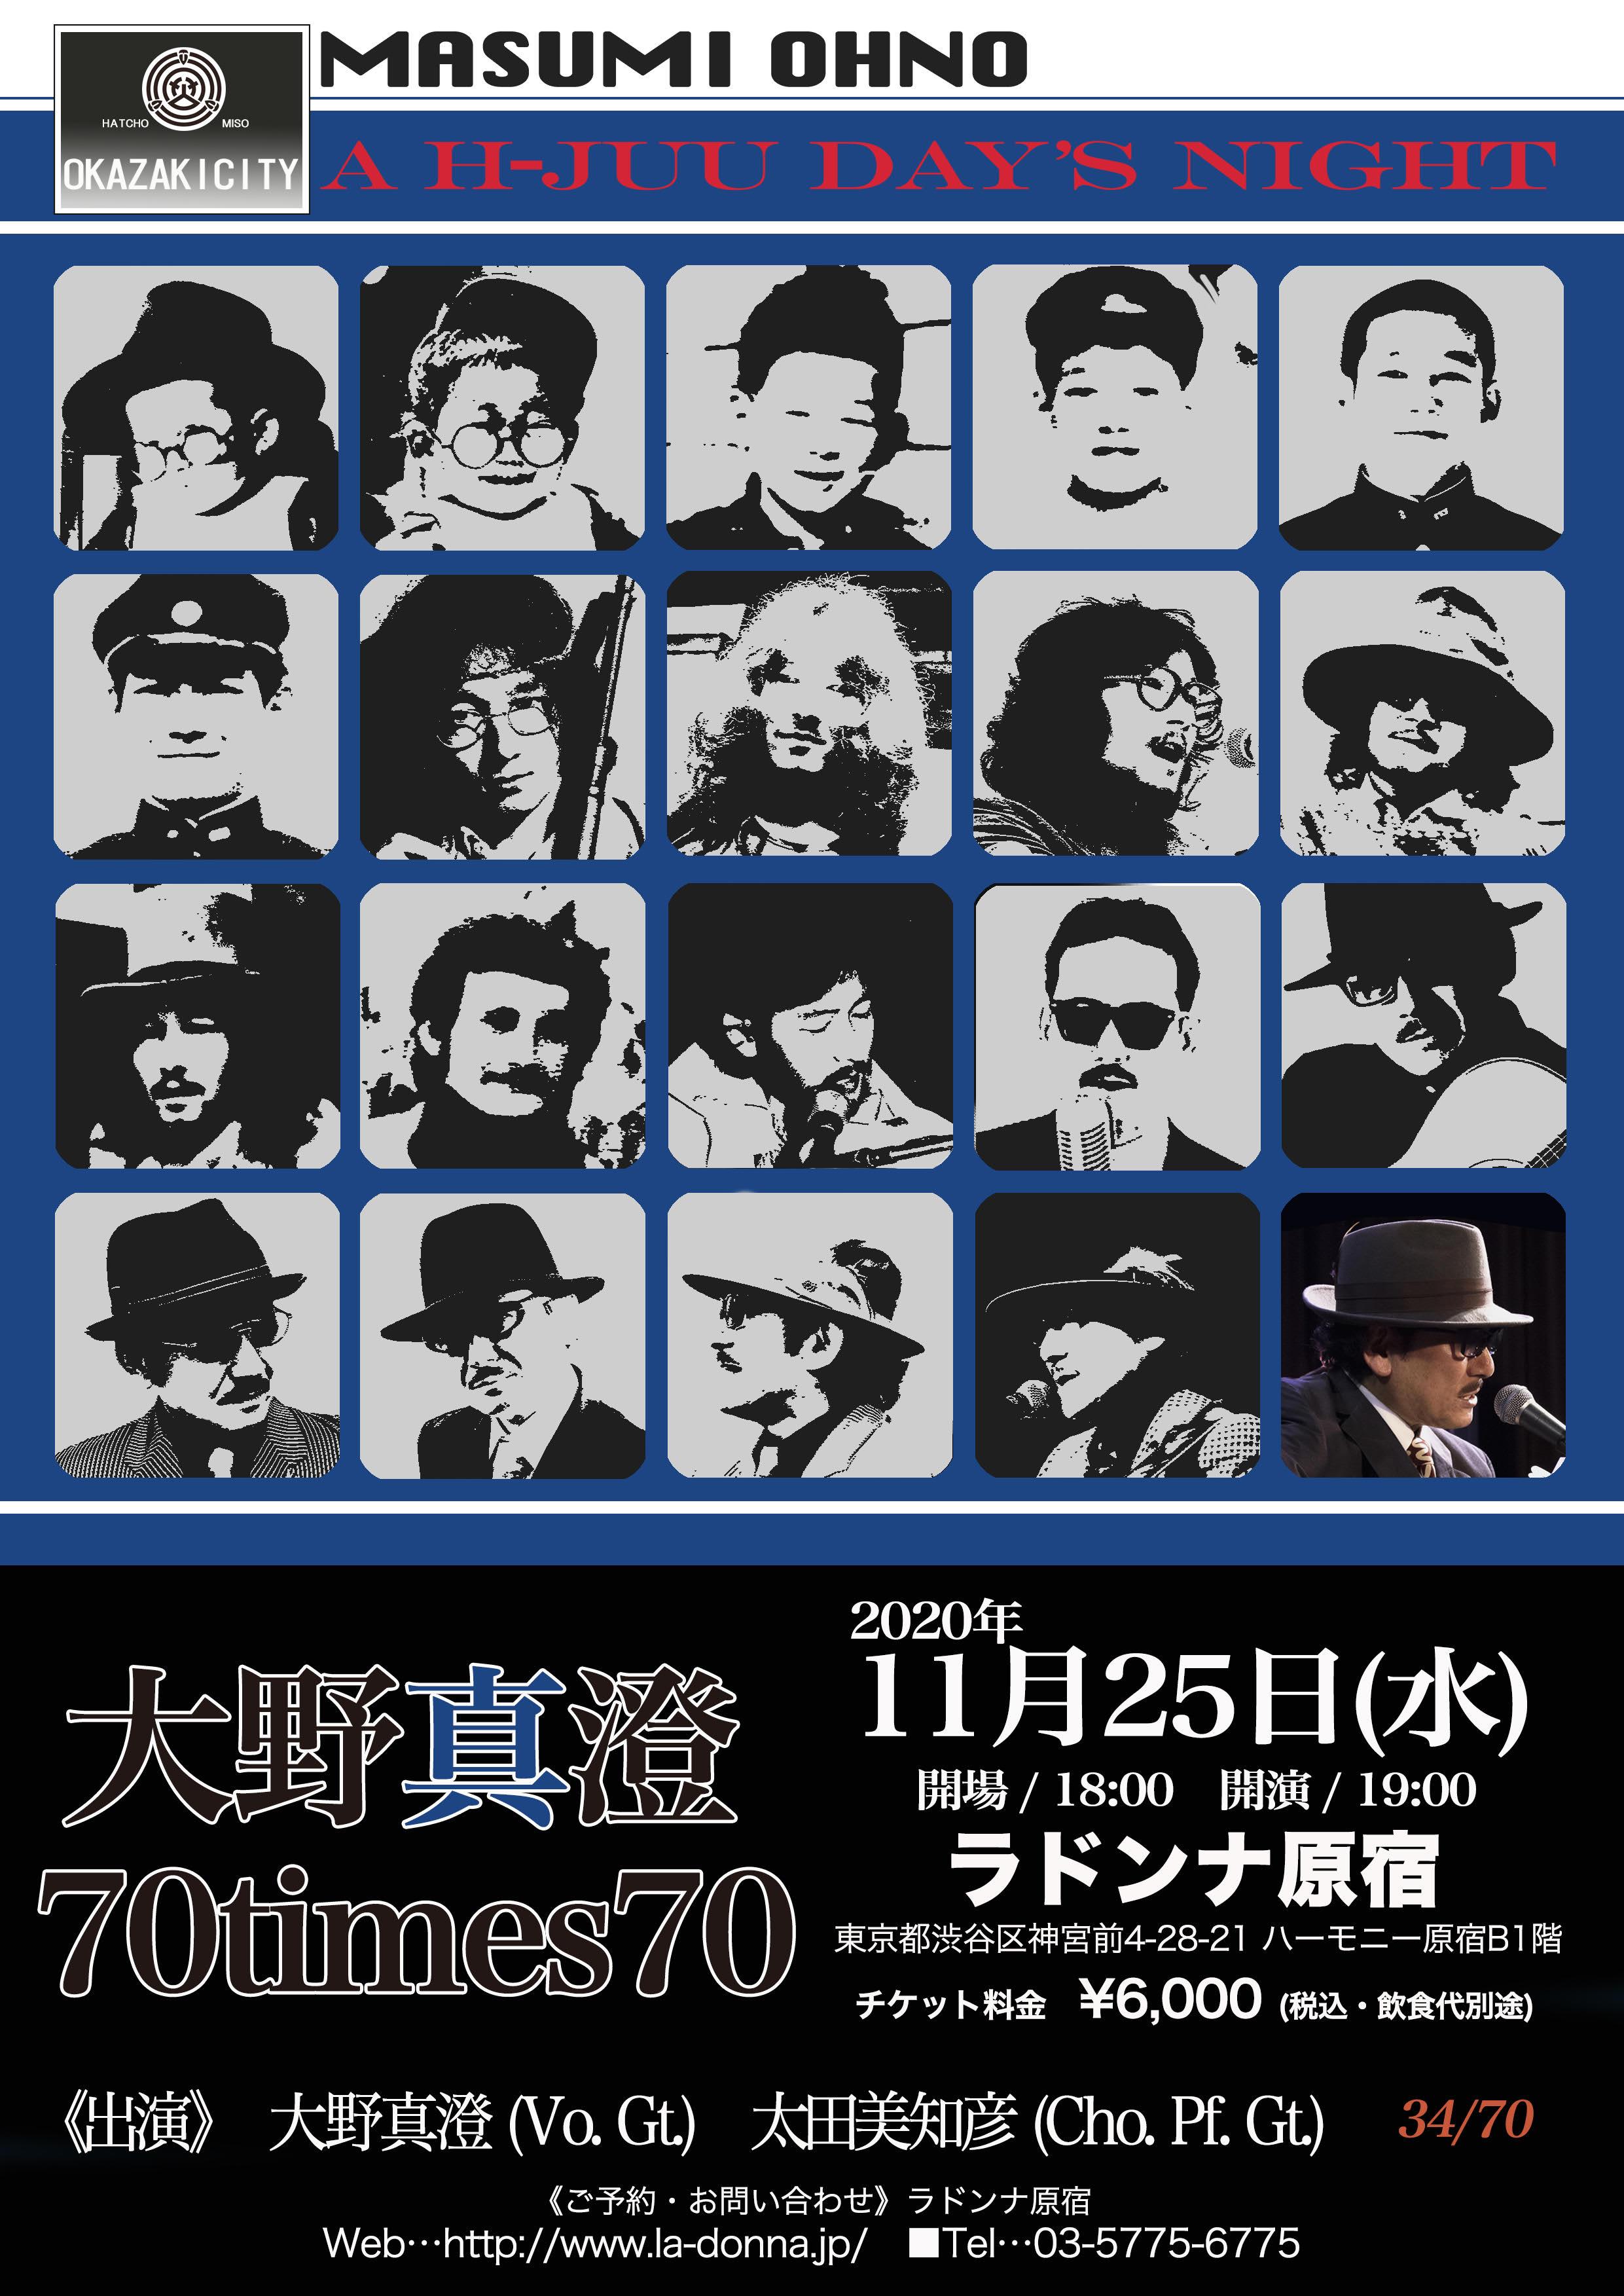 大野真澄 70times70  〜Birthday Special 2020〜     【追加公演】